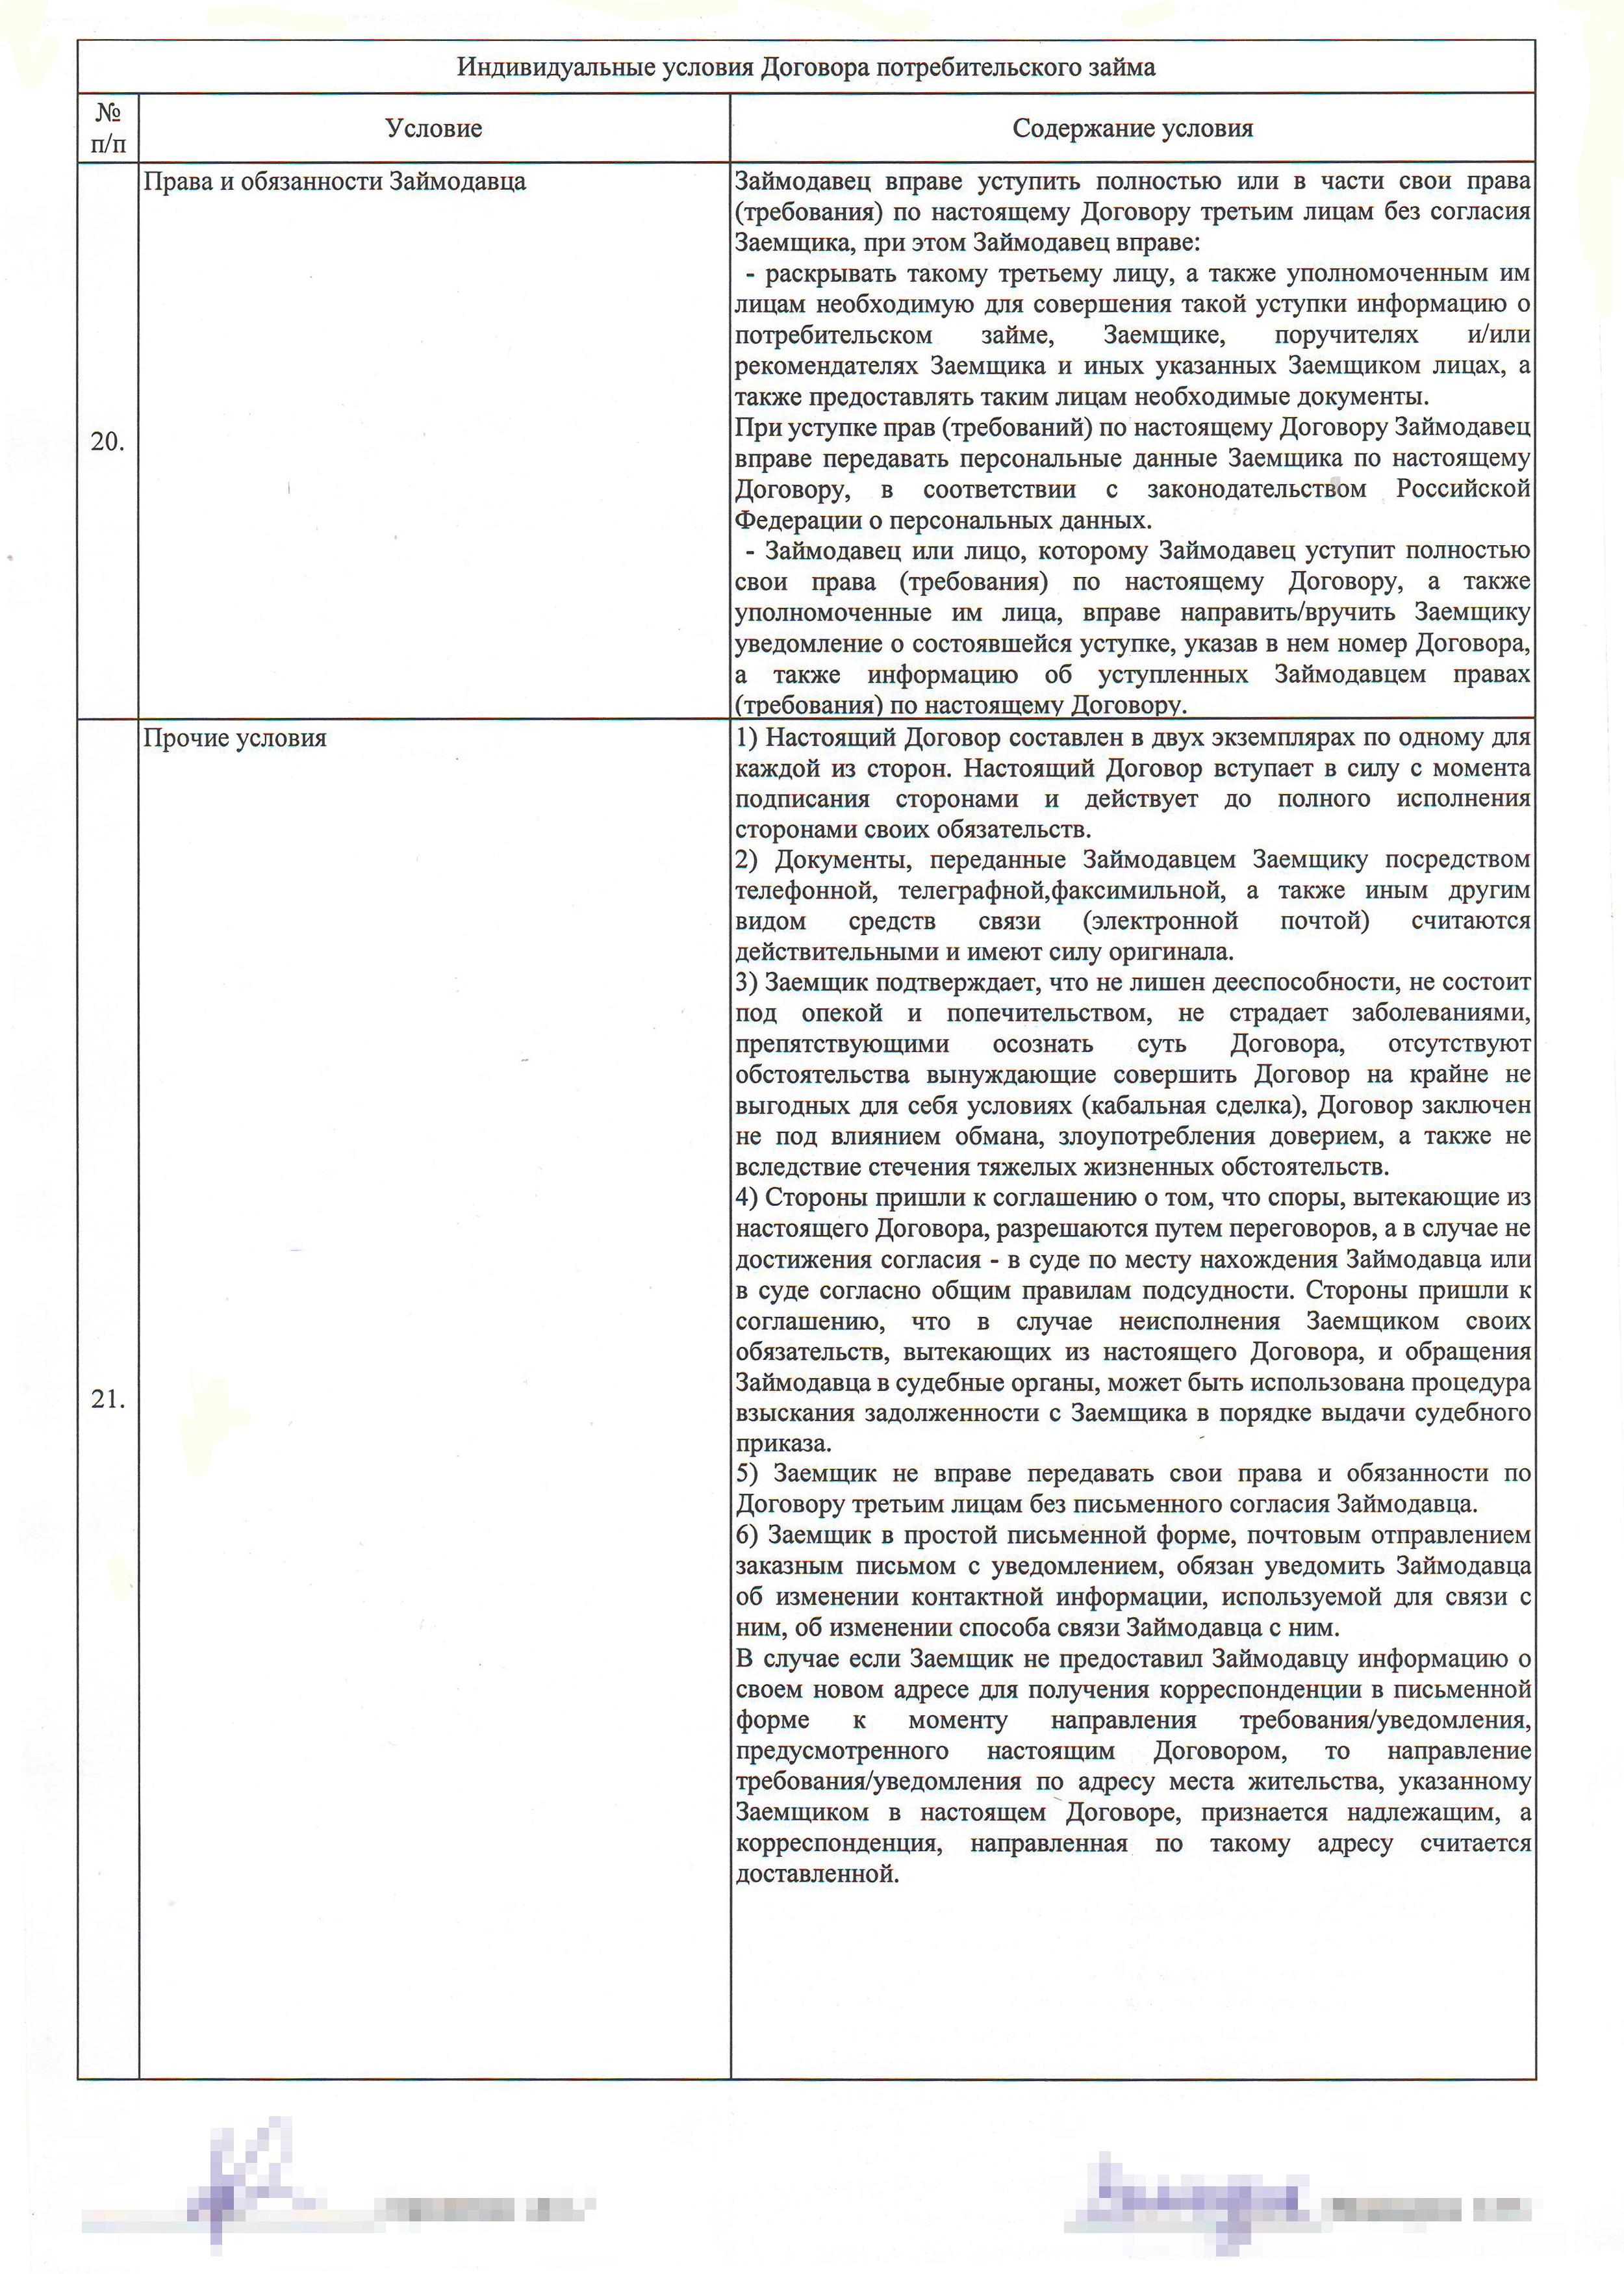 Андрей картавцев альбом скачать бесплатно mp3 все песни в хорошем качестве